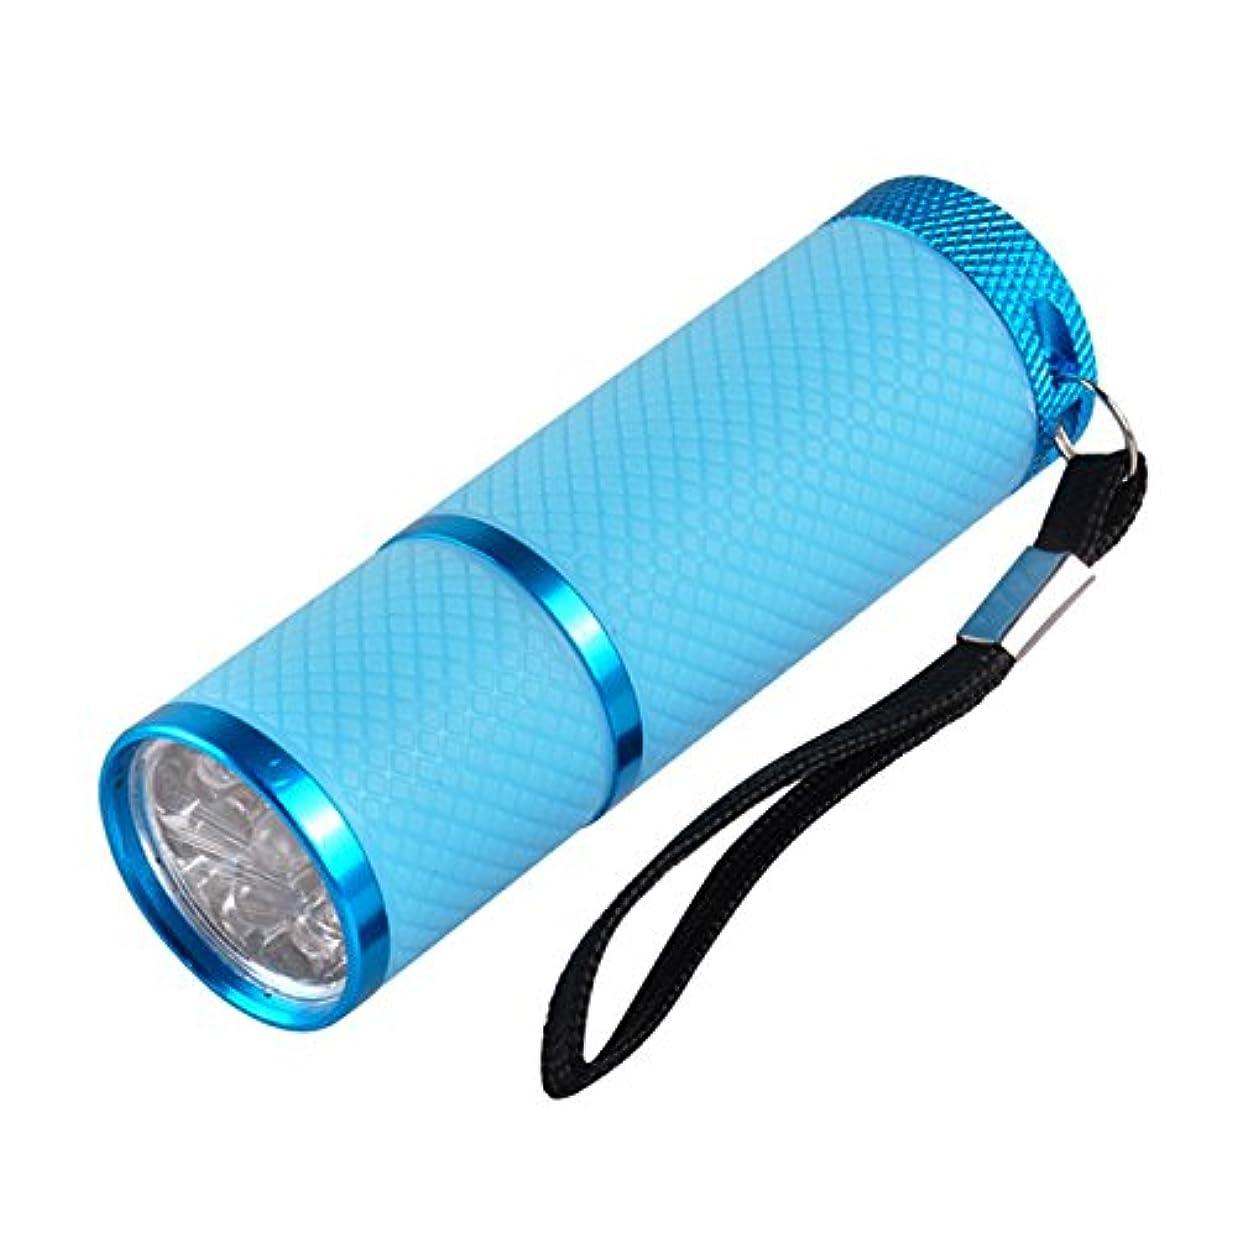 師匠韻超高層ビルネイル?レジンクラフト LED UVライト ブルー BY-NL550 ネコポス発送 送料無料